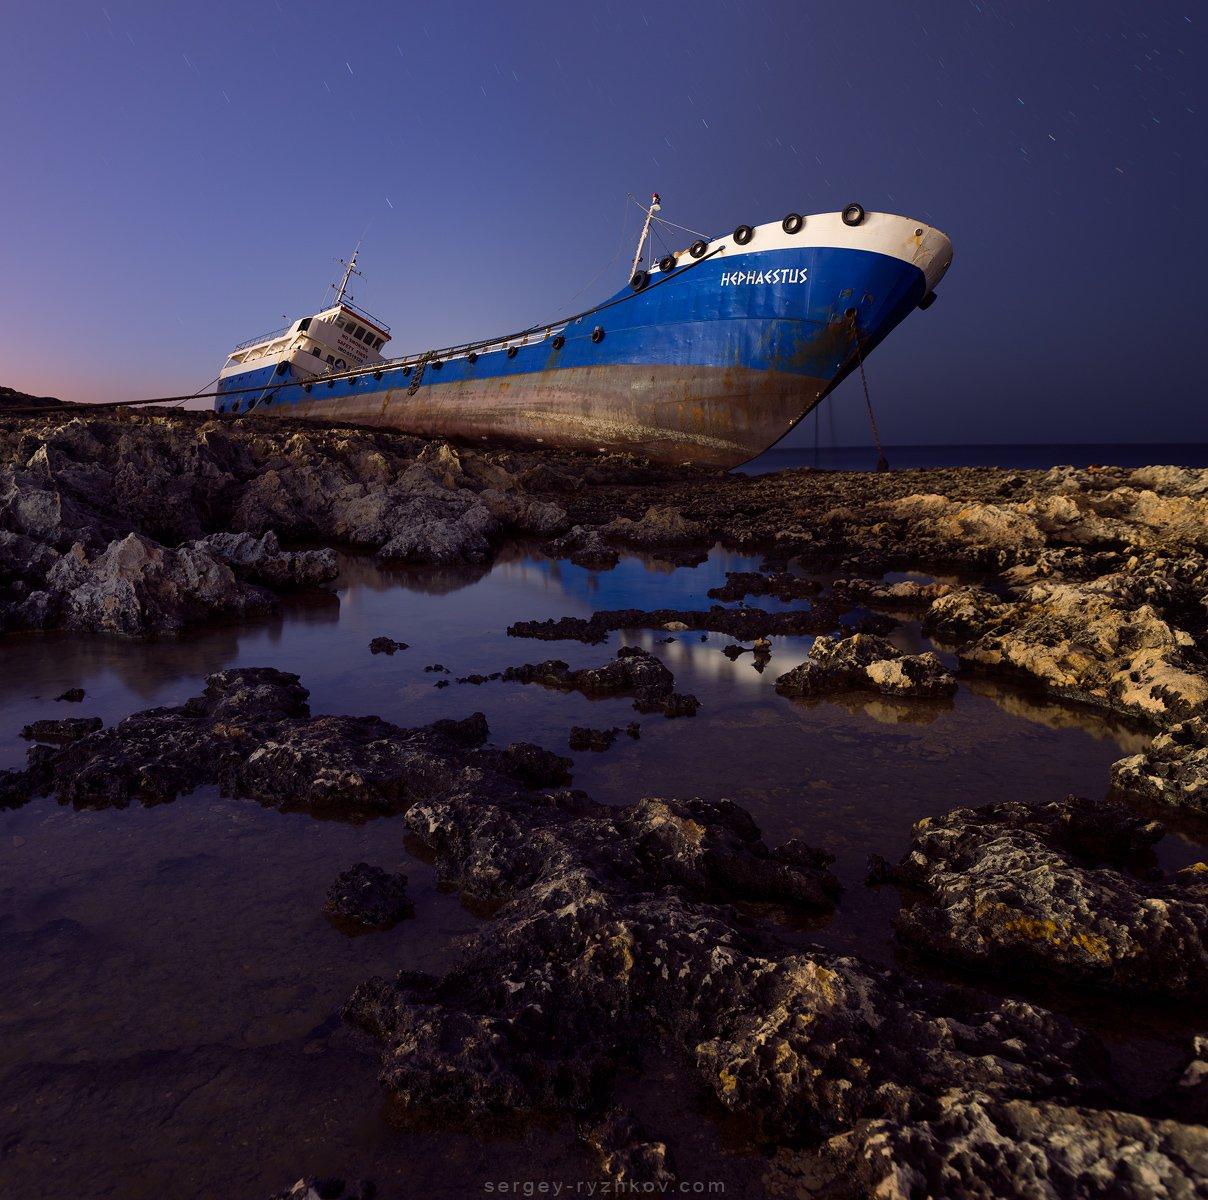 мальта, корабль, пейхаж, путешествие, ночь, море, средиземное море, malta, landscape, travel, nature, Сергей Рыжков